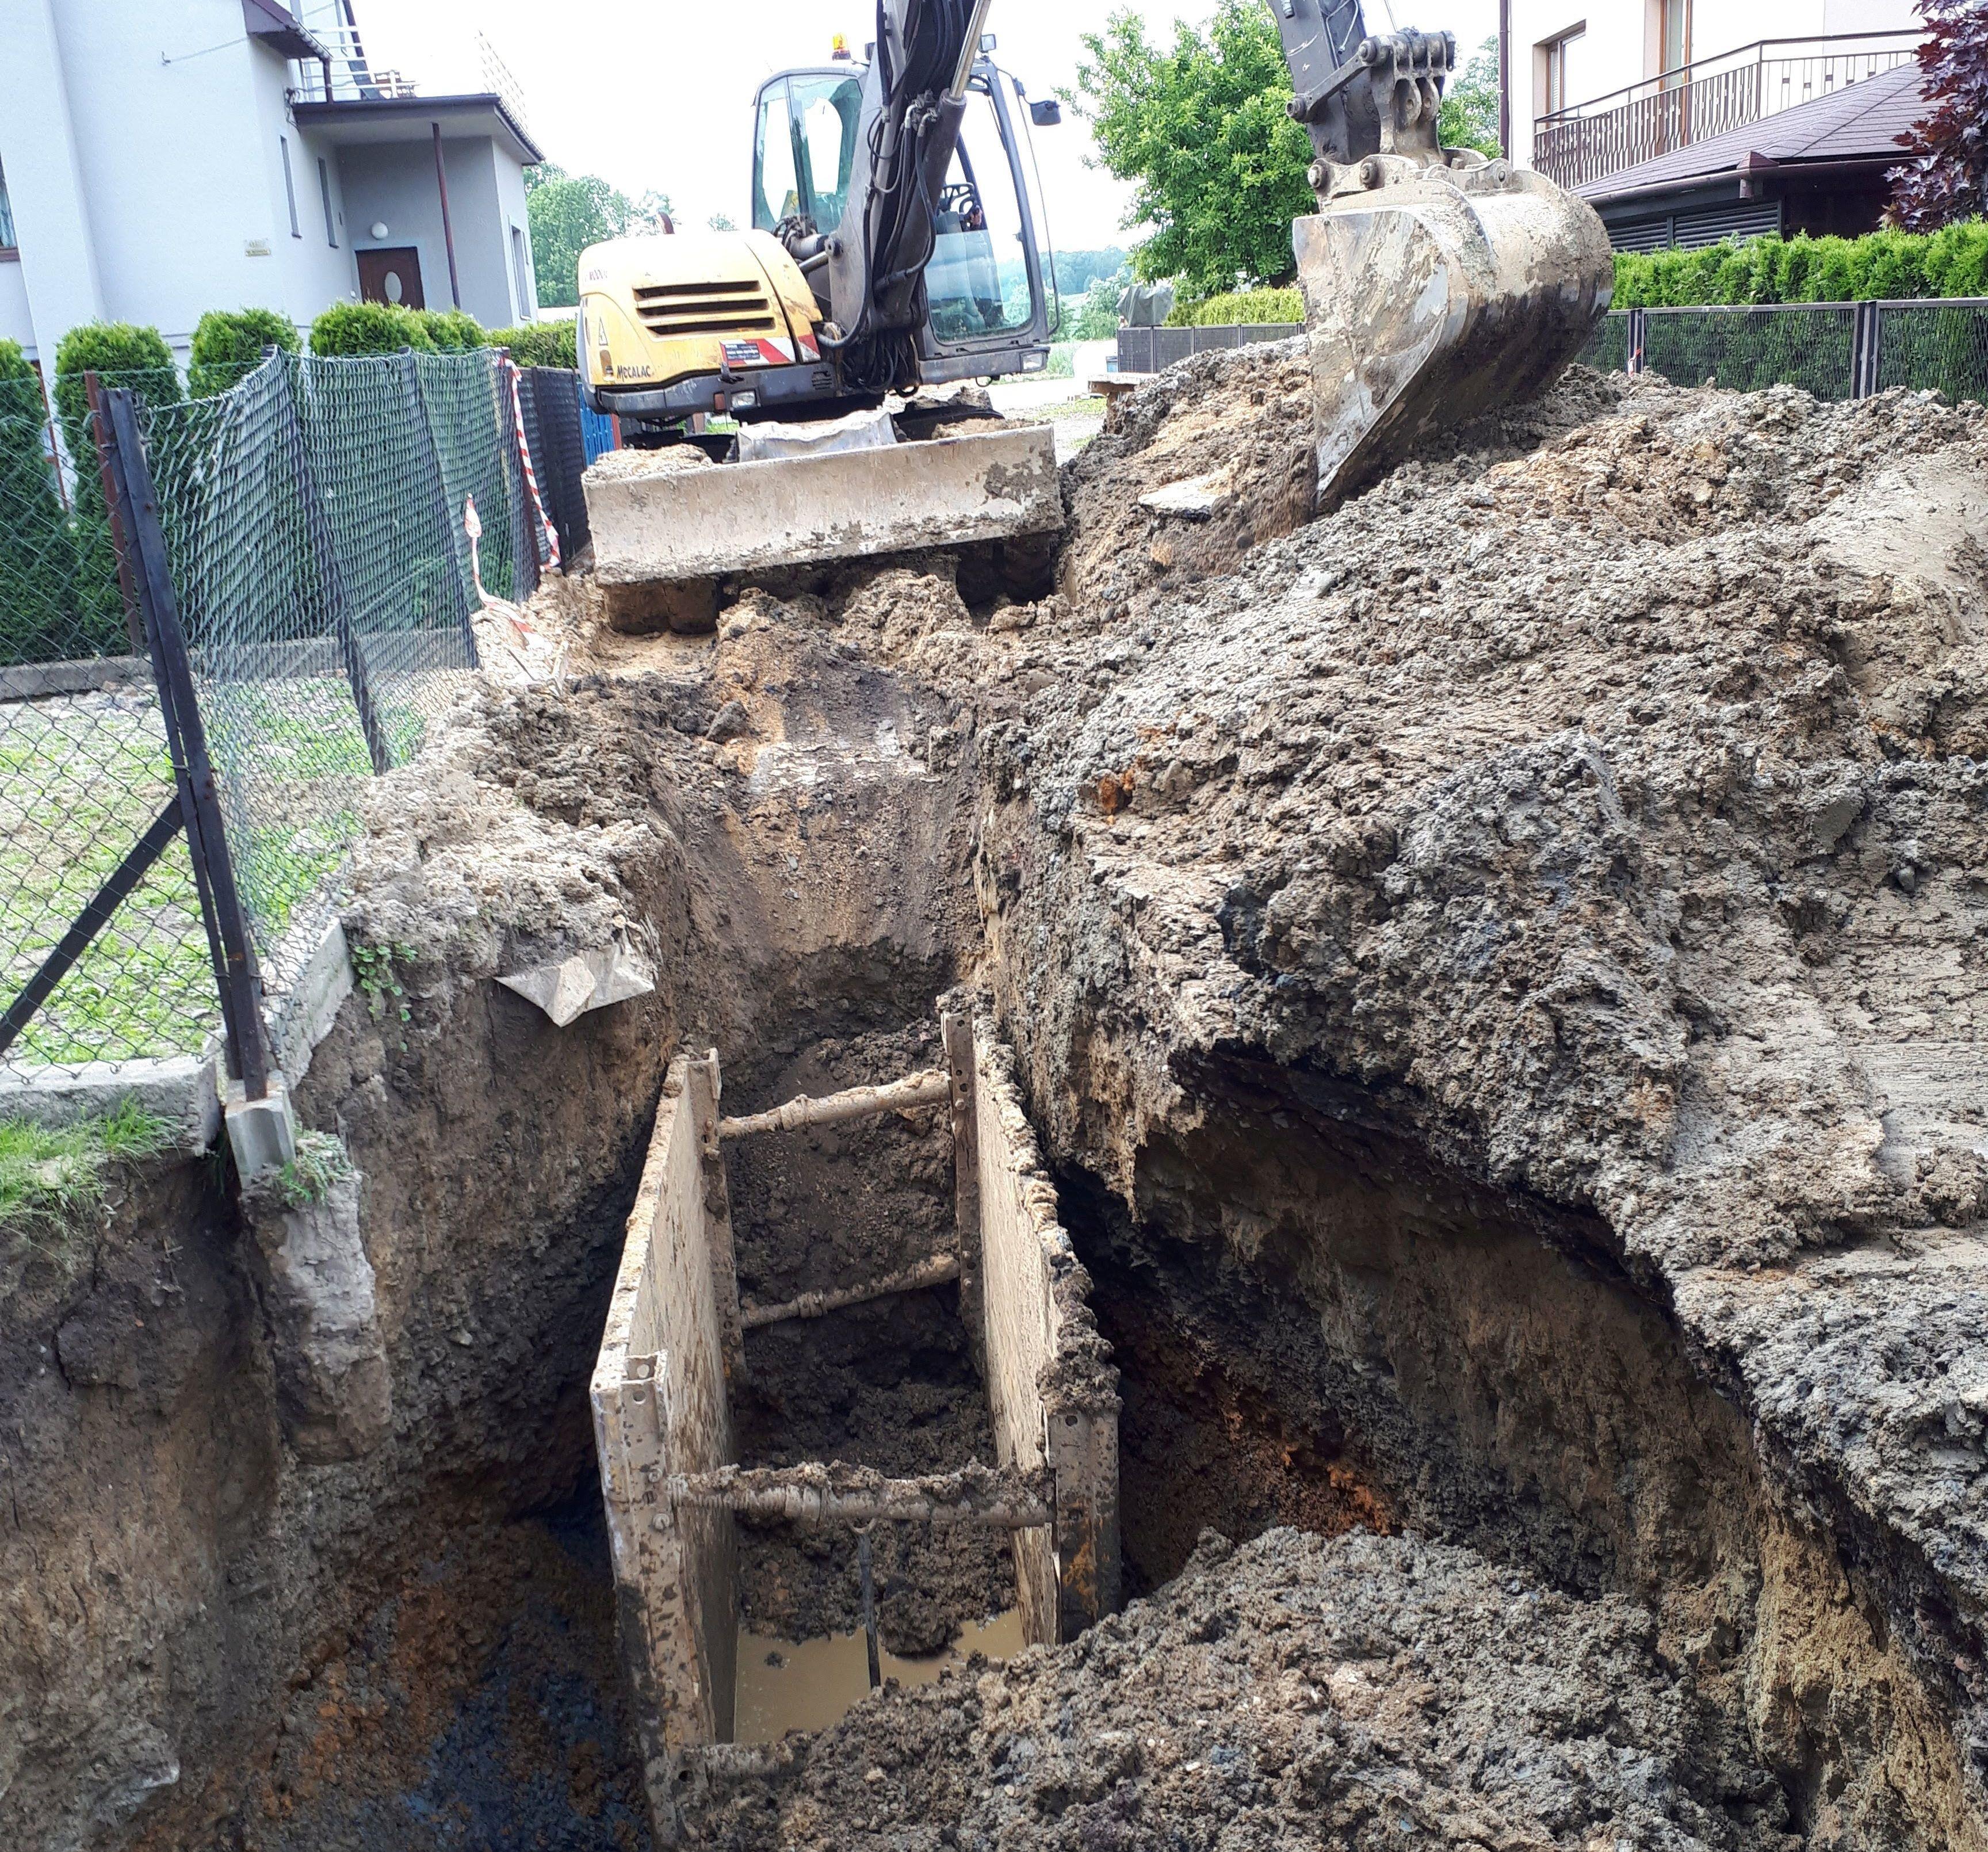 Co dalej z budową kanalizacji? Prezes odpowiedział na interpelację radnego